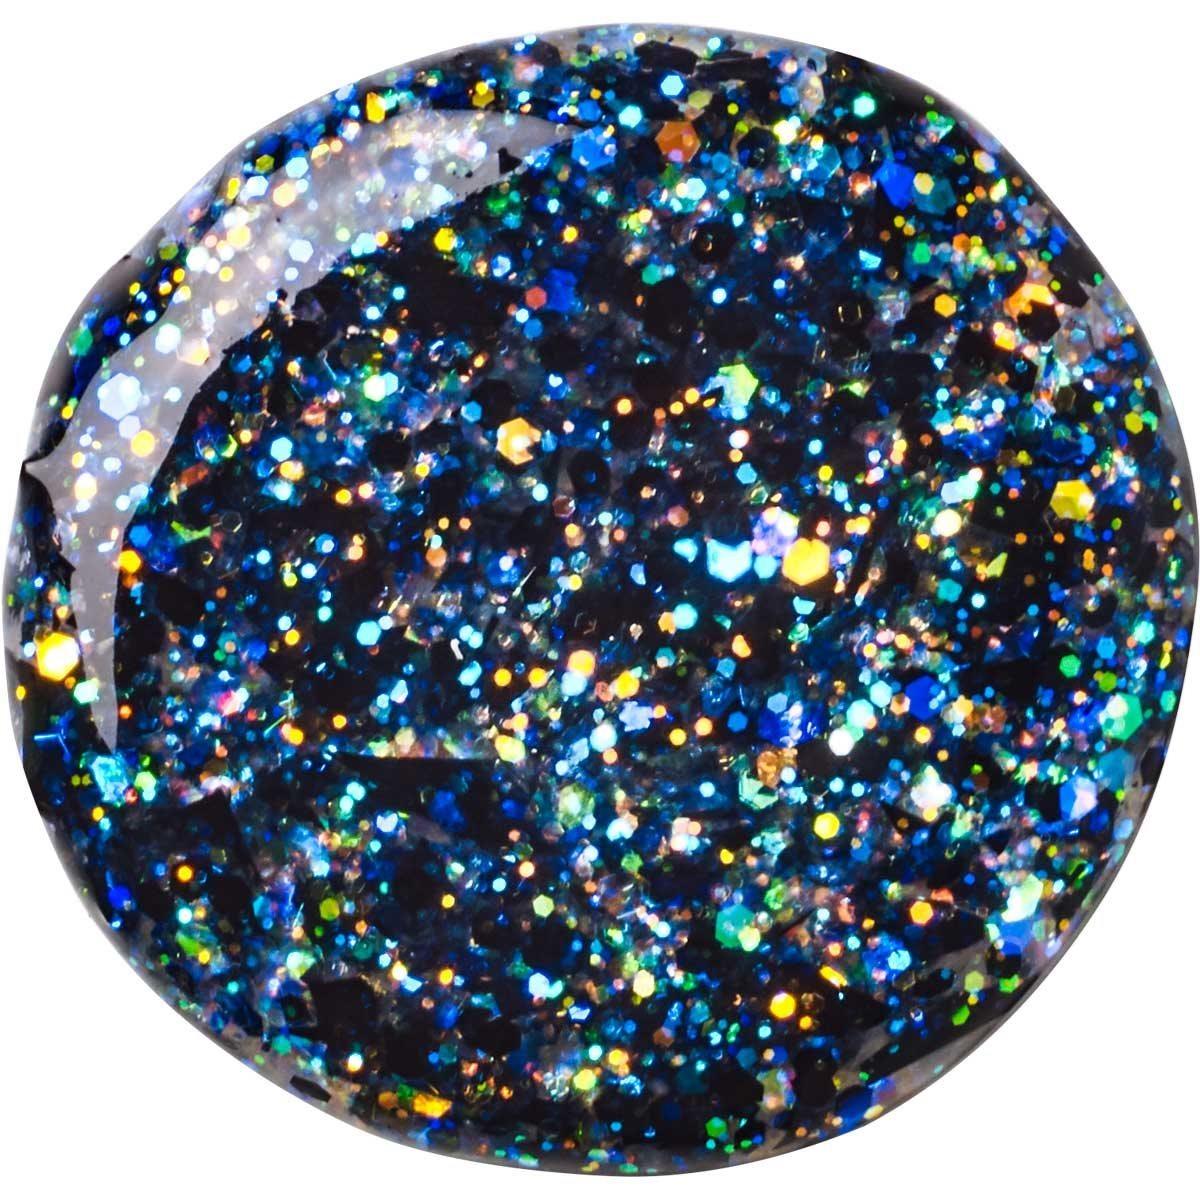 FolkArt ® Glitterific™ Acrylic Paint - Black Opal, 2 oz. - 5995E